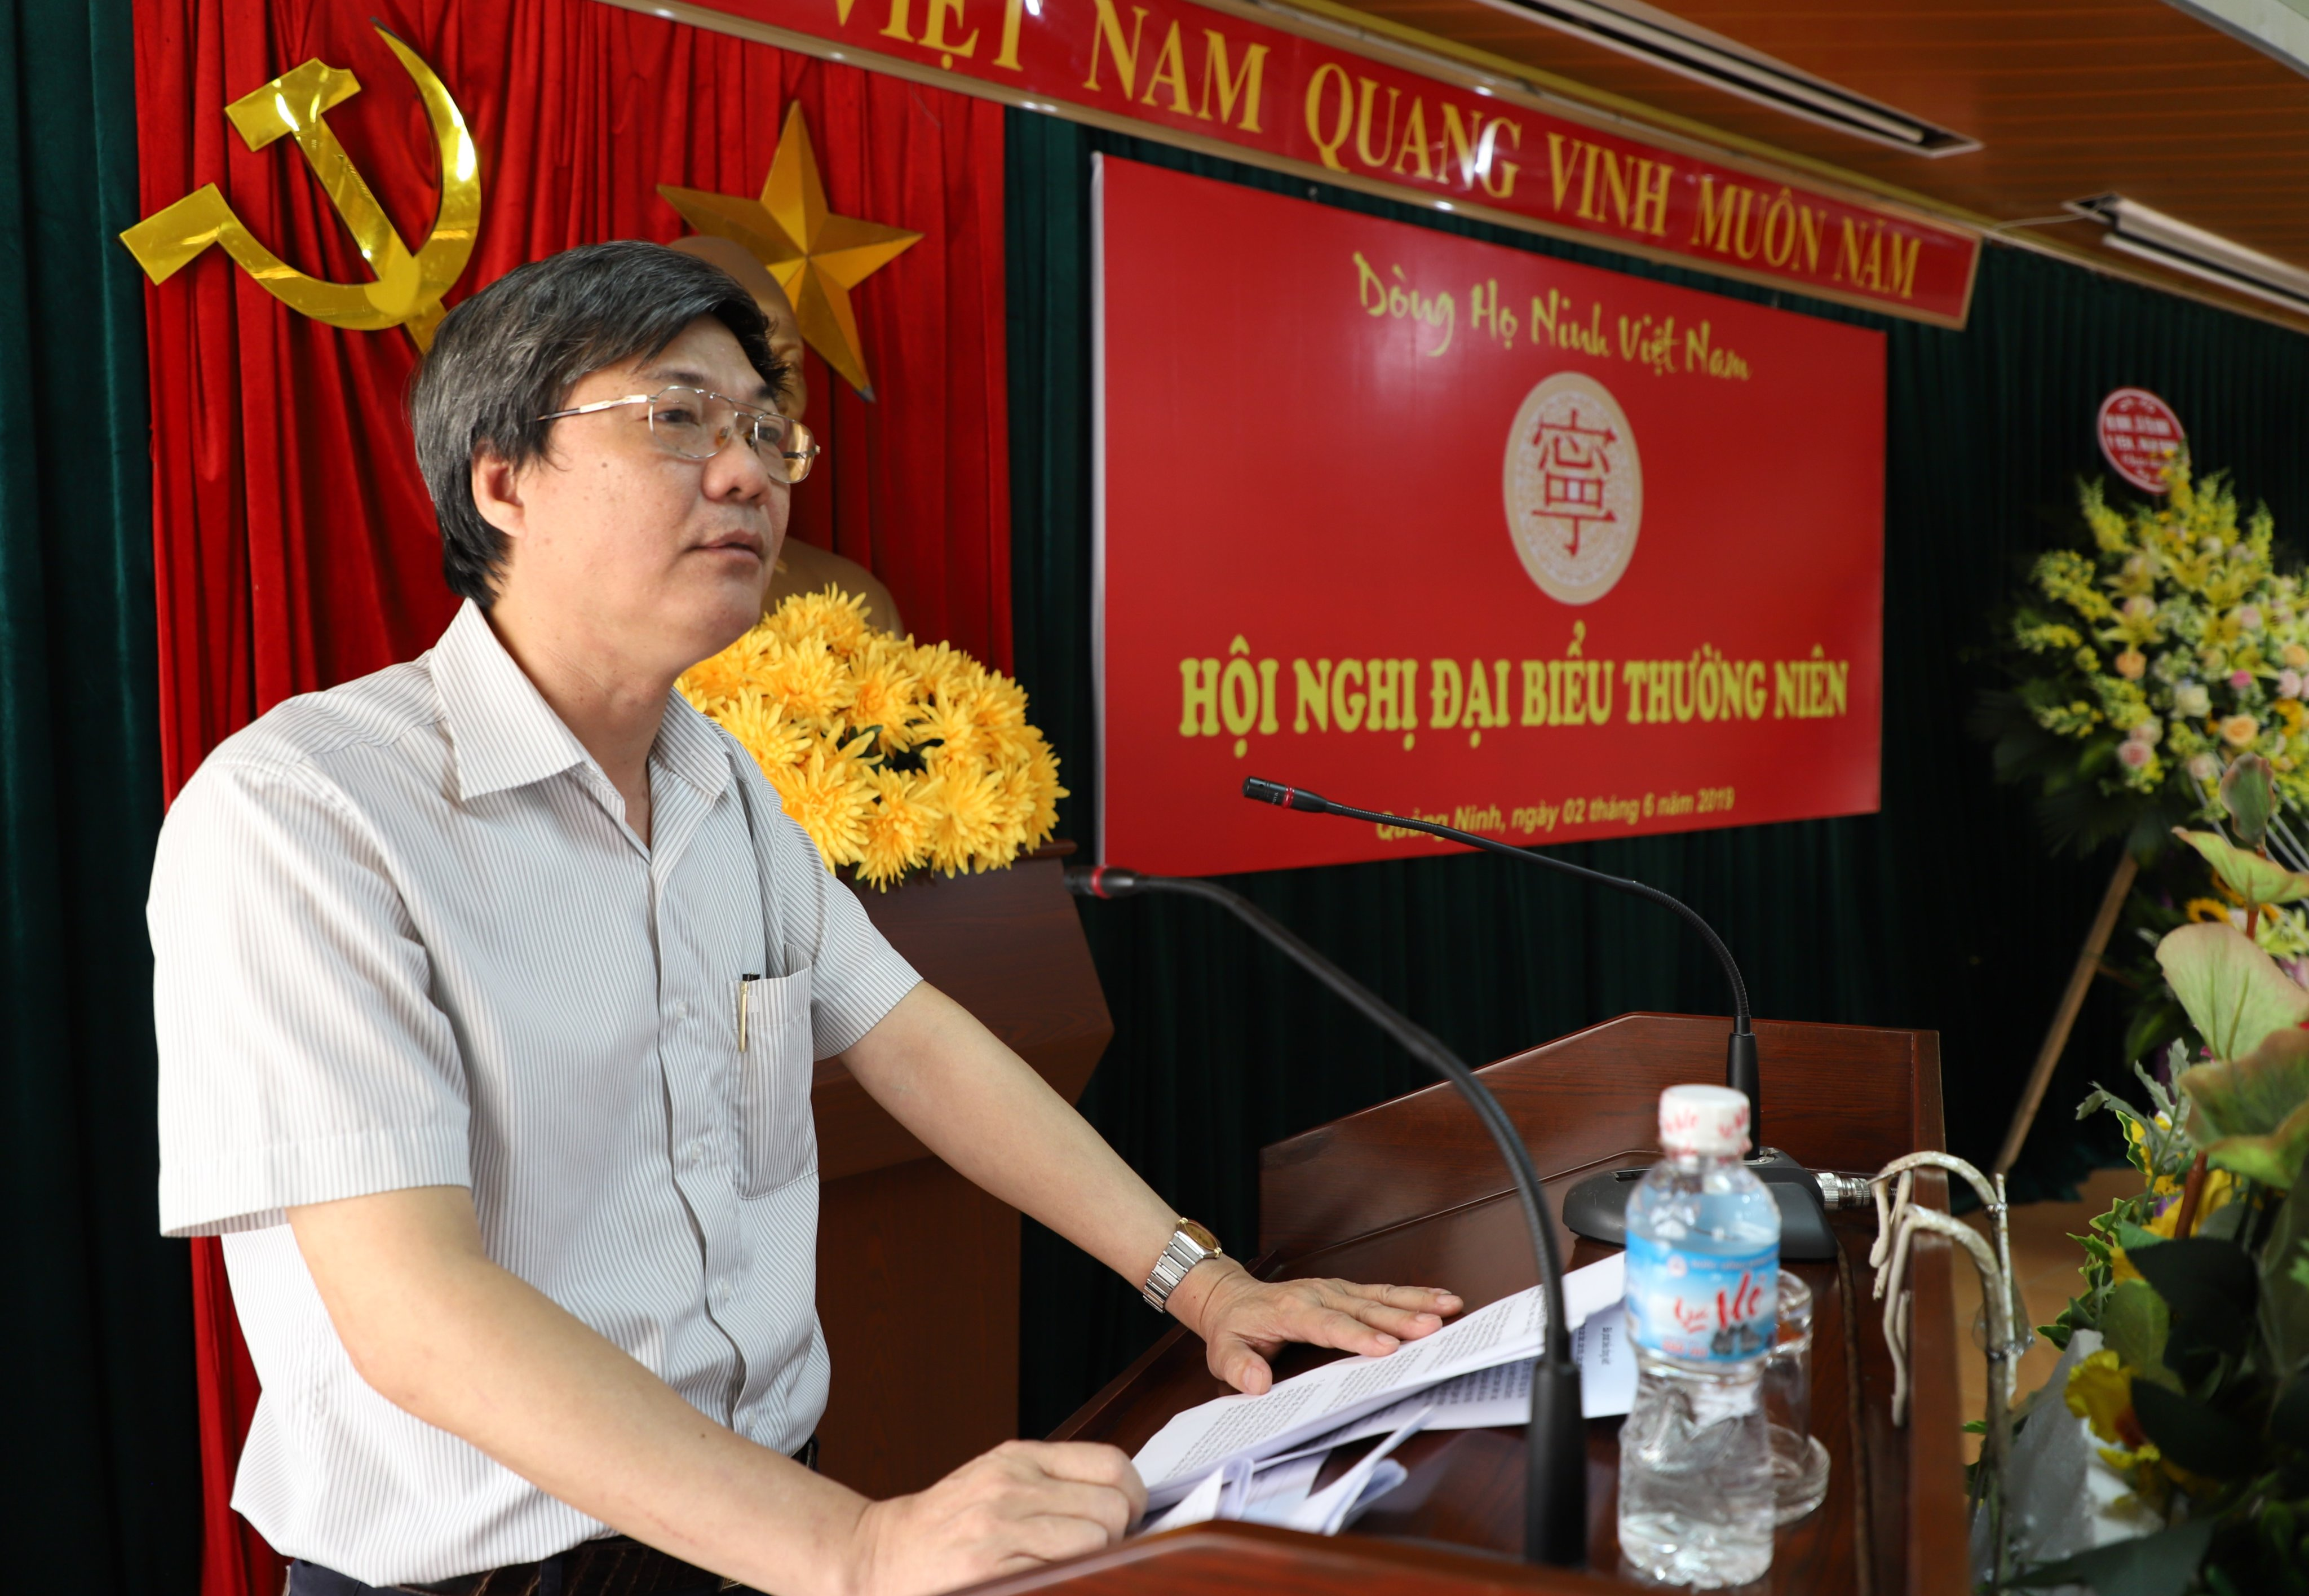 Ban liên lạc dòng họ Ninh Trưởng ban Ninh Văn Hiến